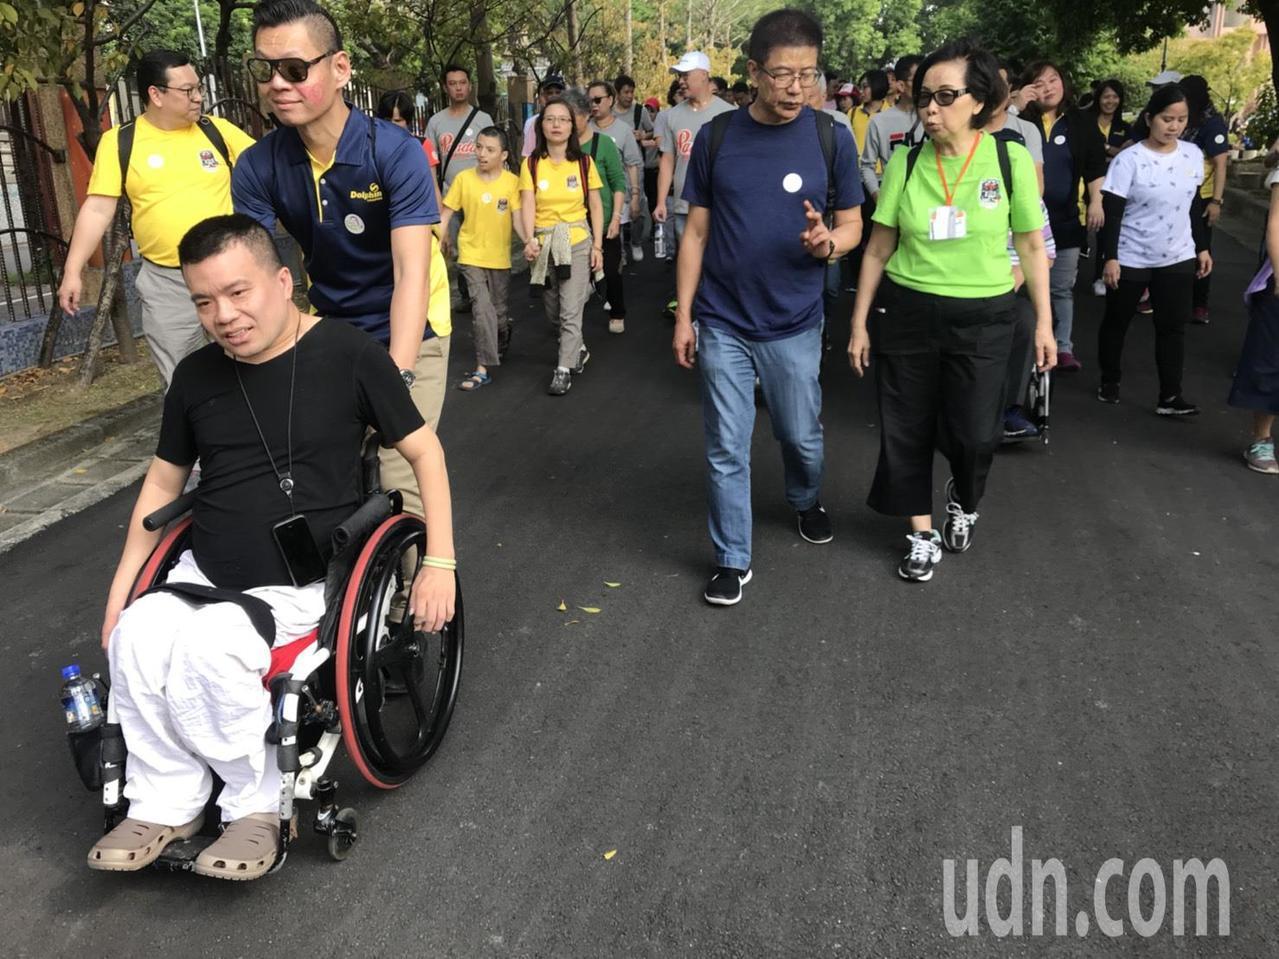 罕病友劉家幗(左一)以自身力量一馬當先的推著輪椅向前走著,偶爾才需親友協助,更是...